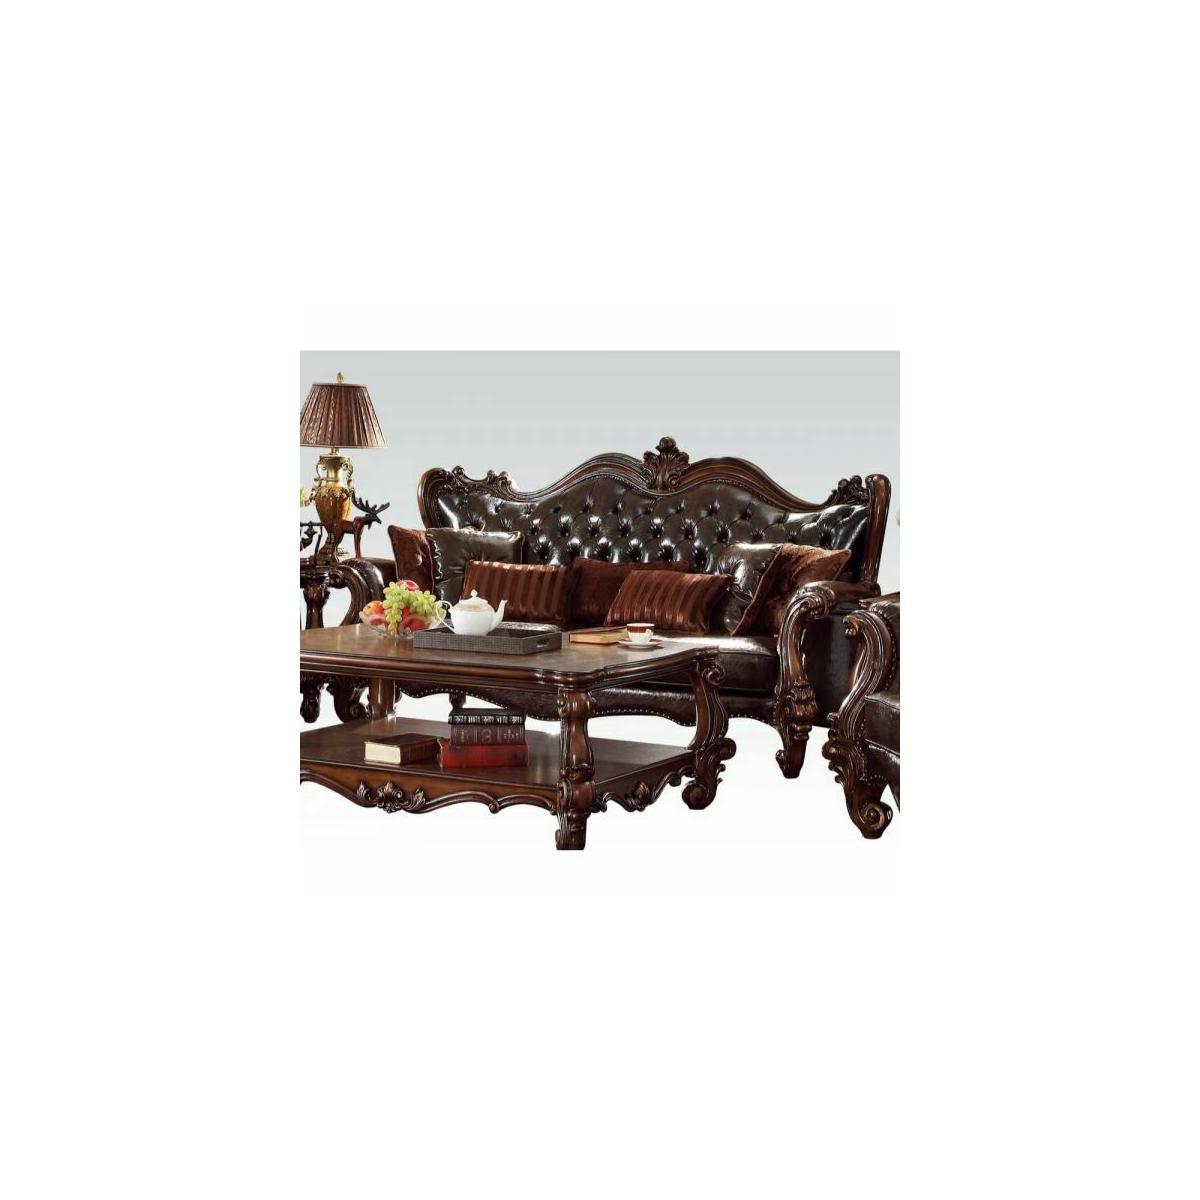 ACME Versailles Sofa w/7 Pillows - 52120A - 2-Tone Dark Brown PU & Cherry Oak